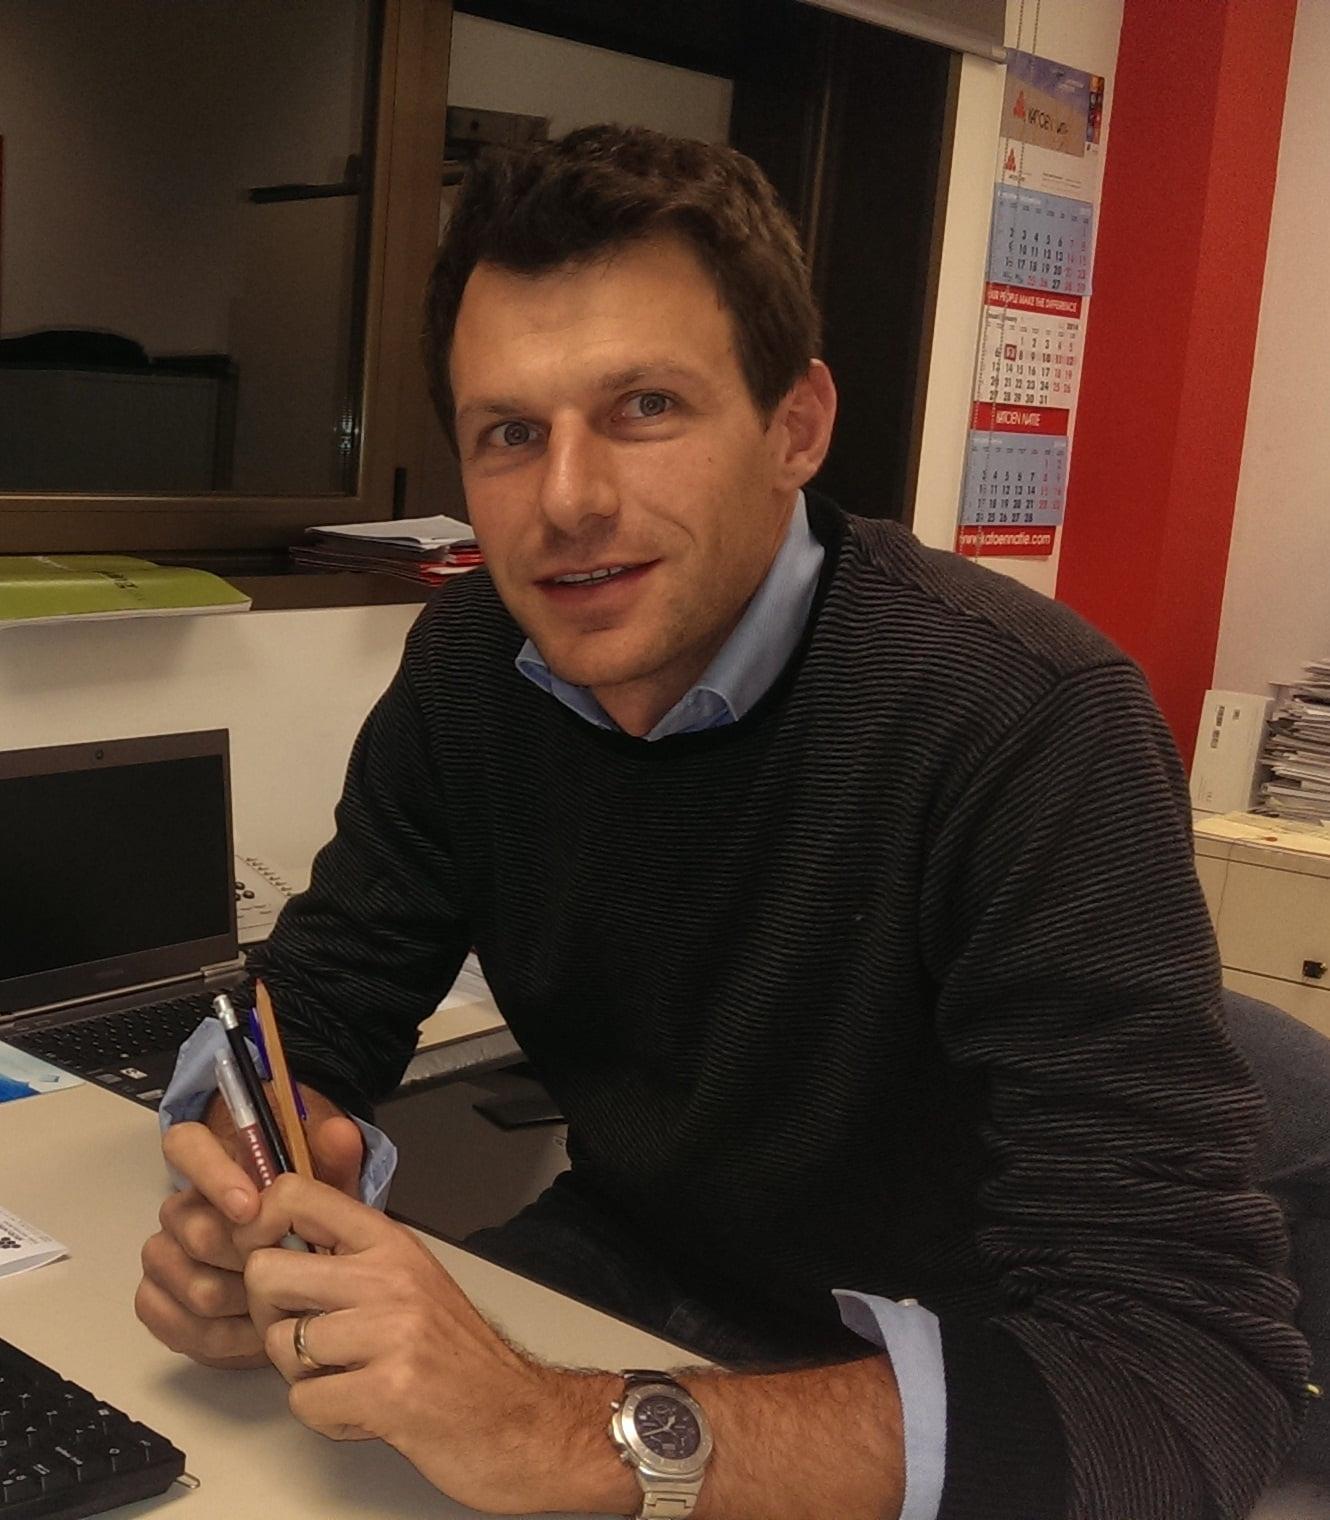 Sr. Geert Van-Kerckhove